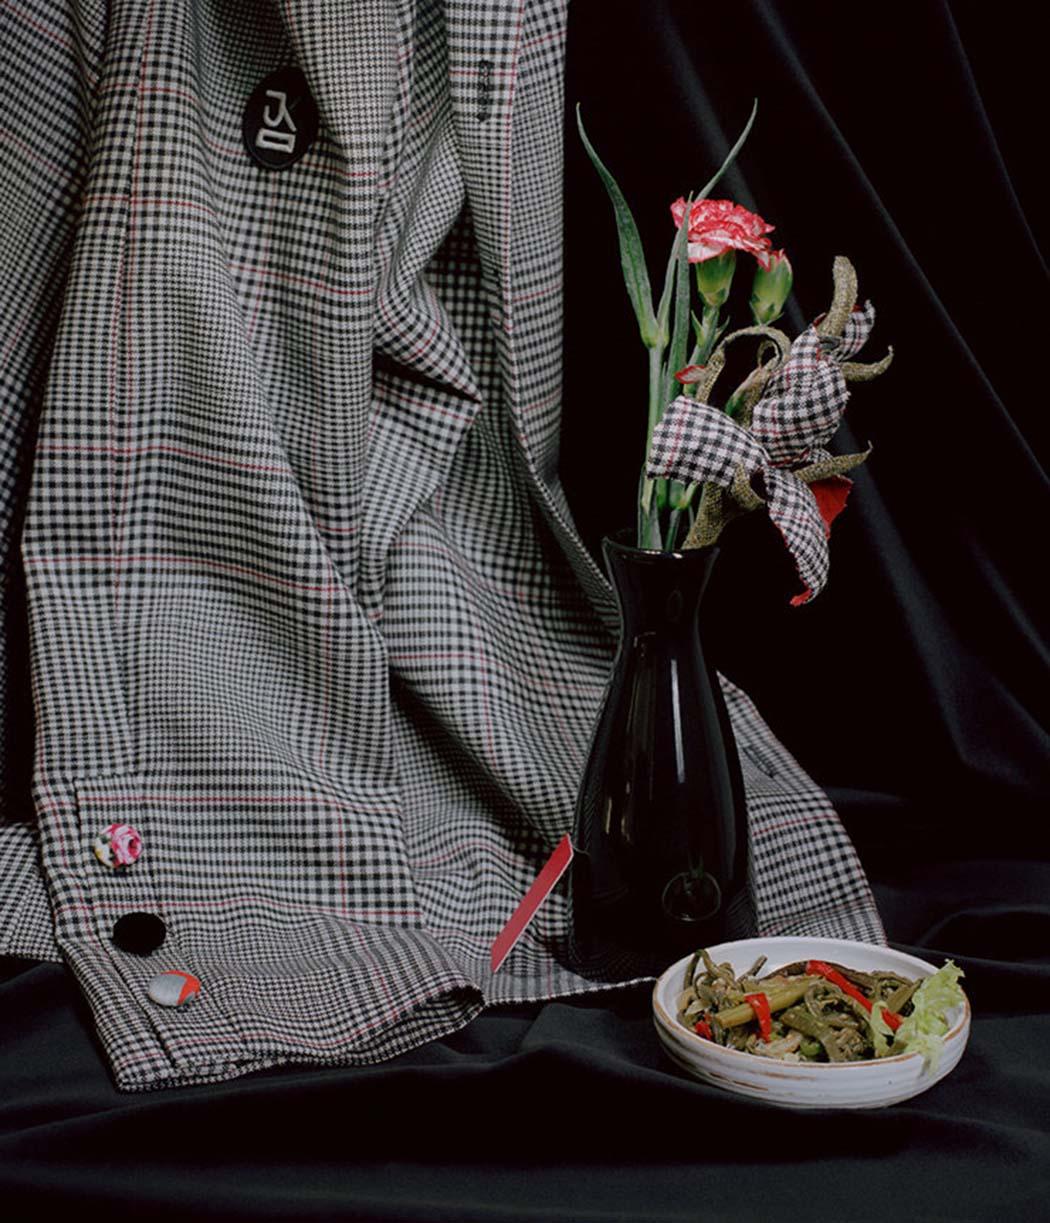 Fashion-JKimFW17-Still Lifes-EugeneShishkin-08